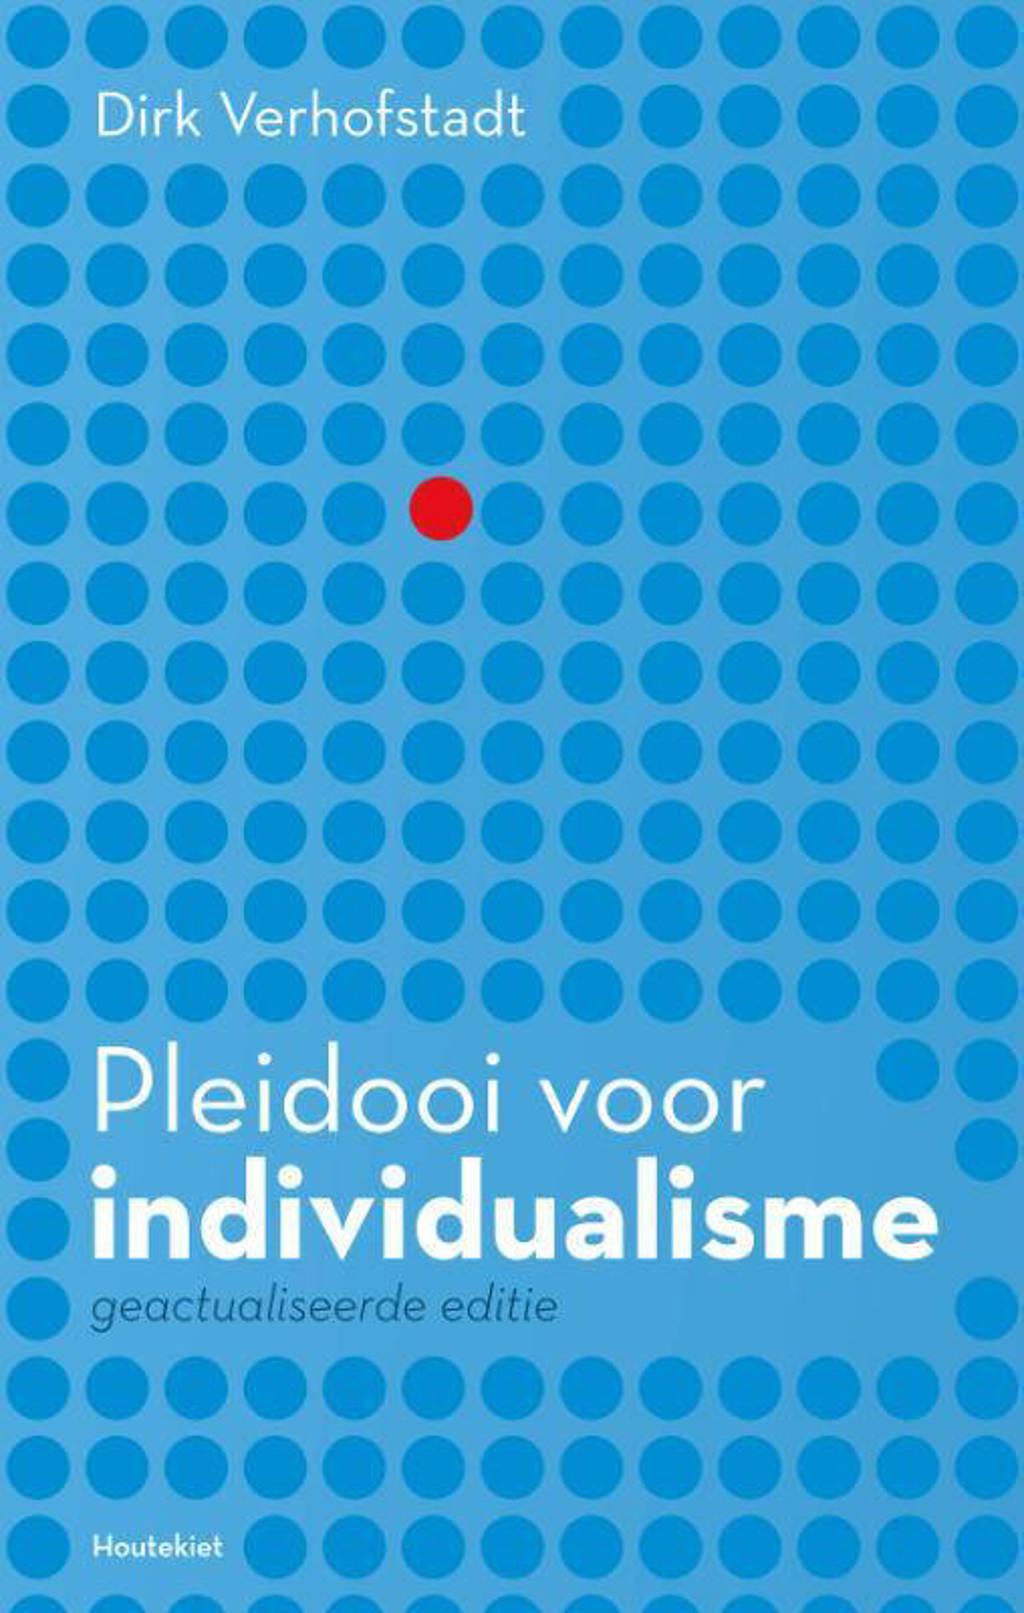 Pleidooi voor individualisme - Dirk Verhofstadt